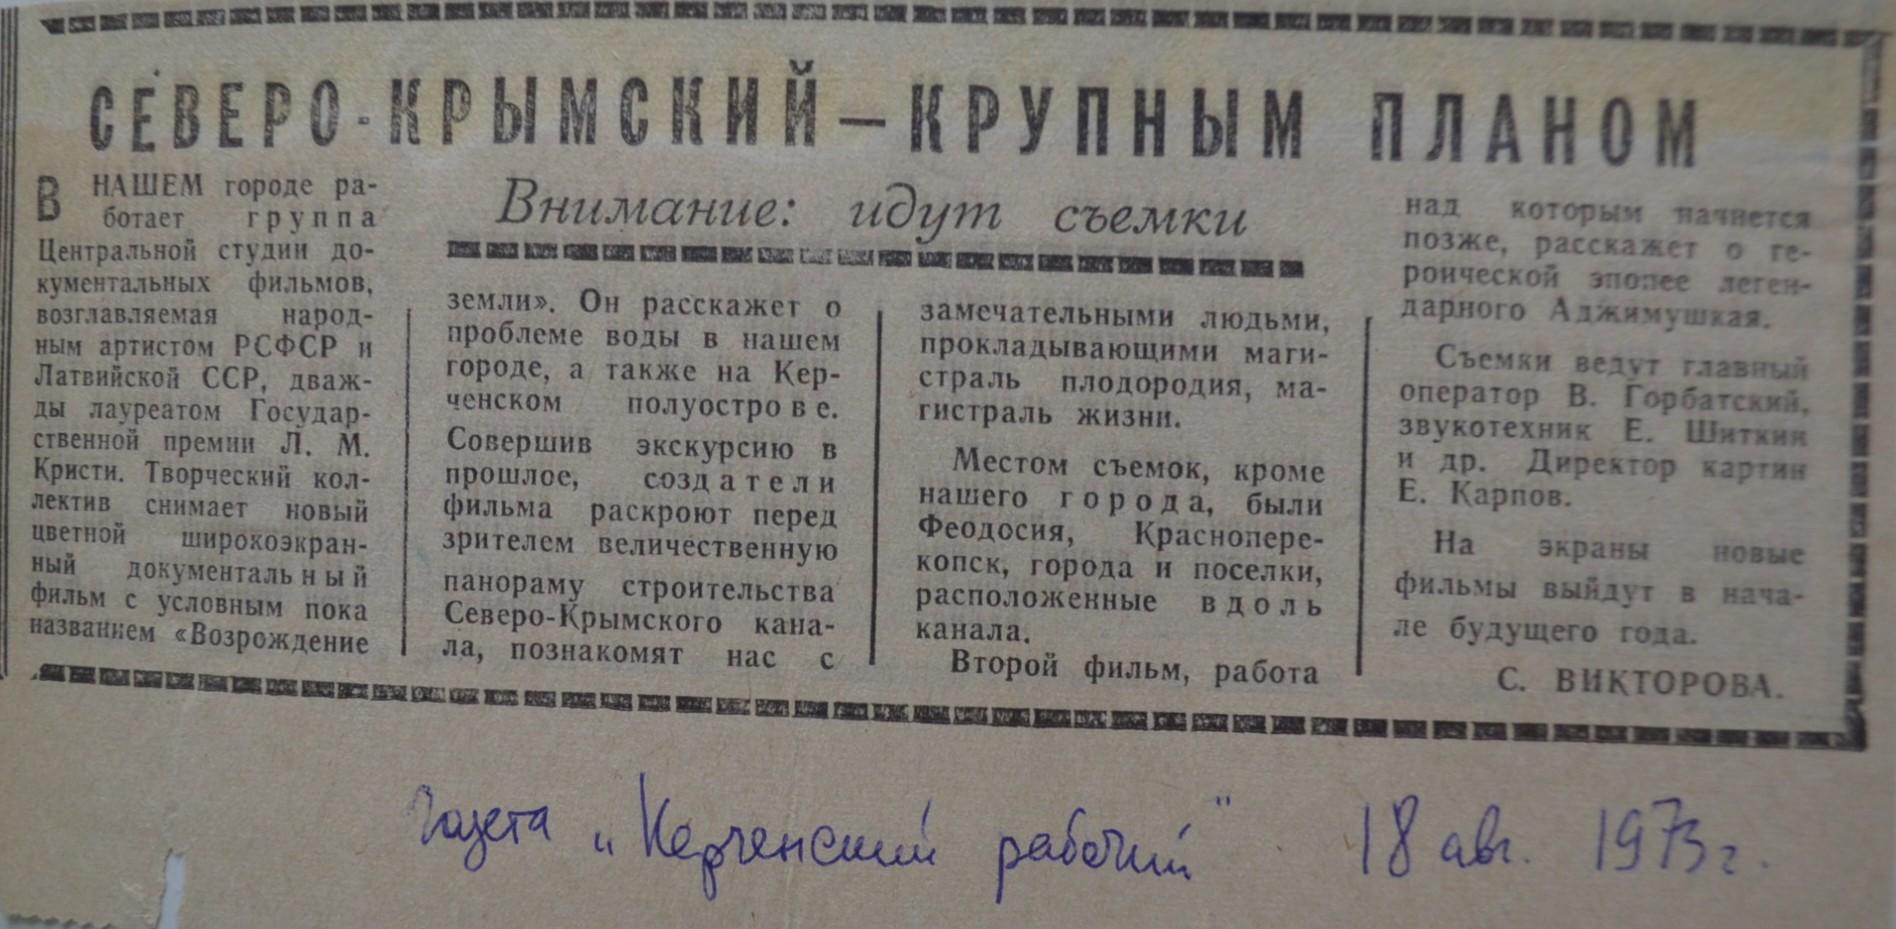 """Экспонат #1. Газета """"Керченский рабочий"""", 18 августа 1973 года"""